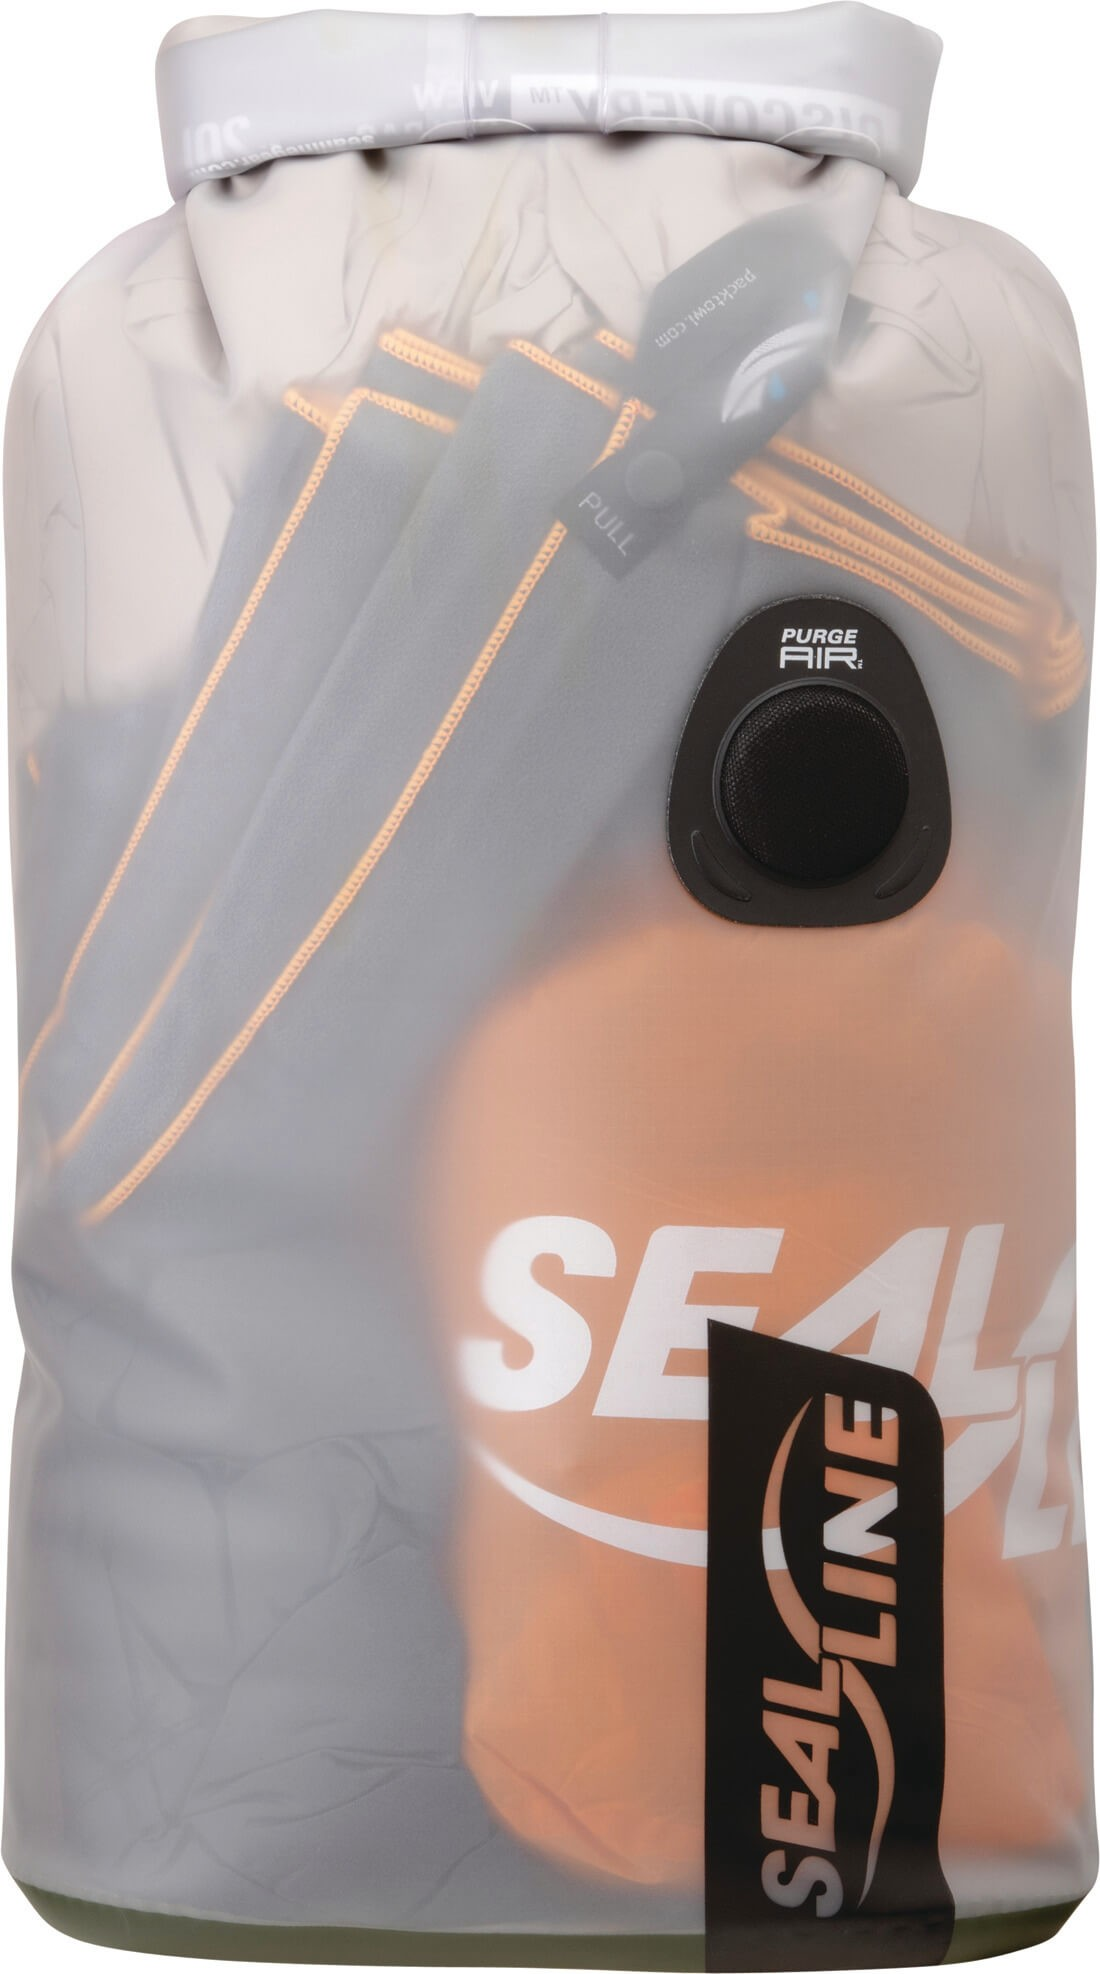 0129feae51755 ... Worek wodoszczelny przezroczysty SealLine Discovery View Dry Bag ...